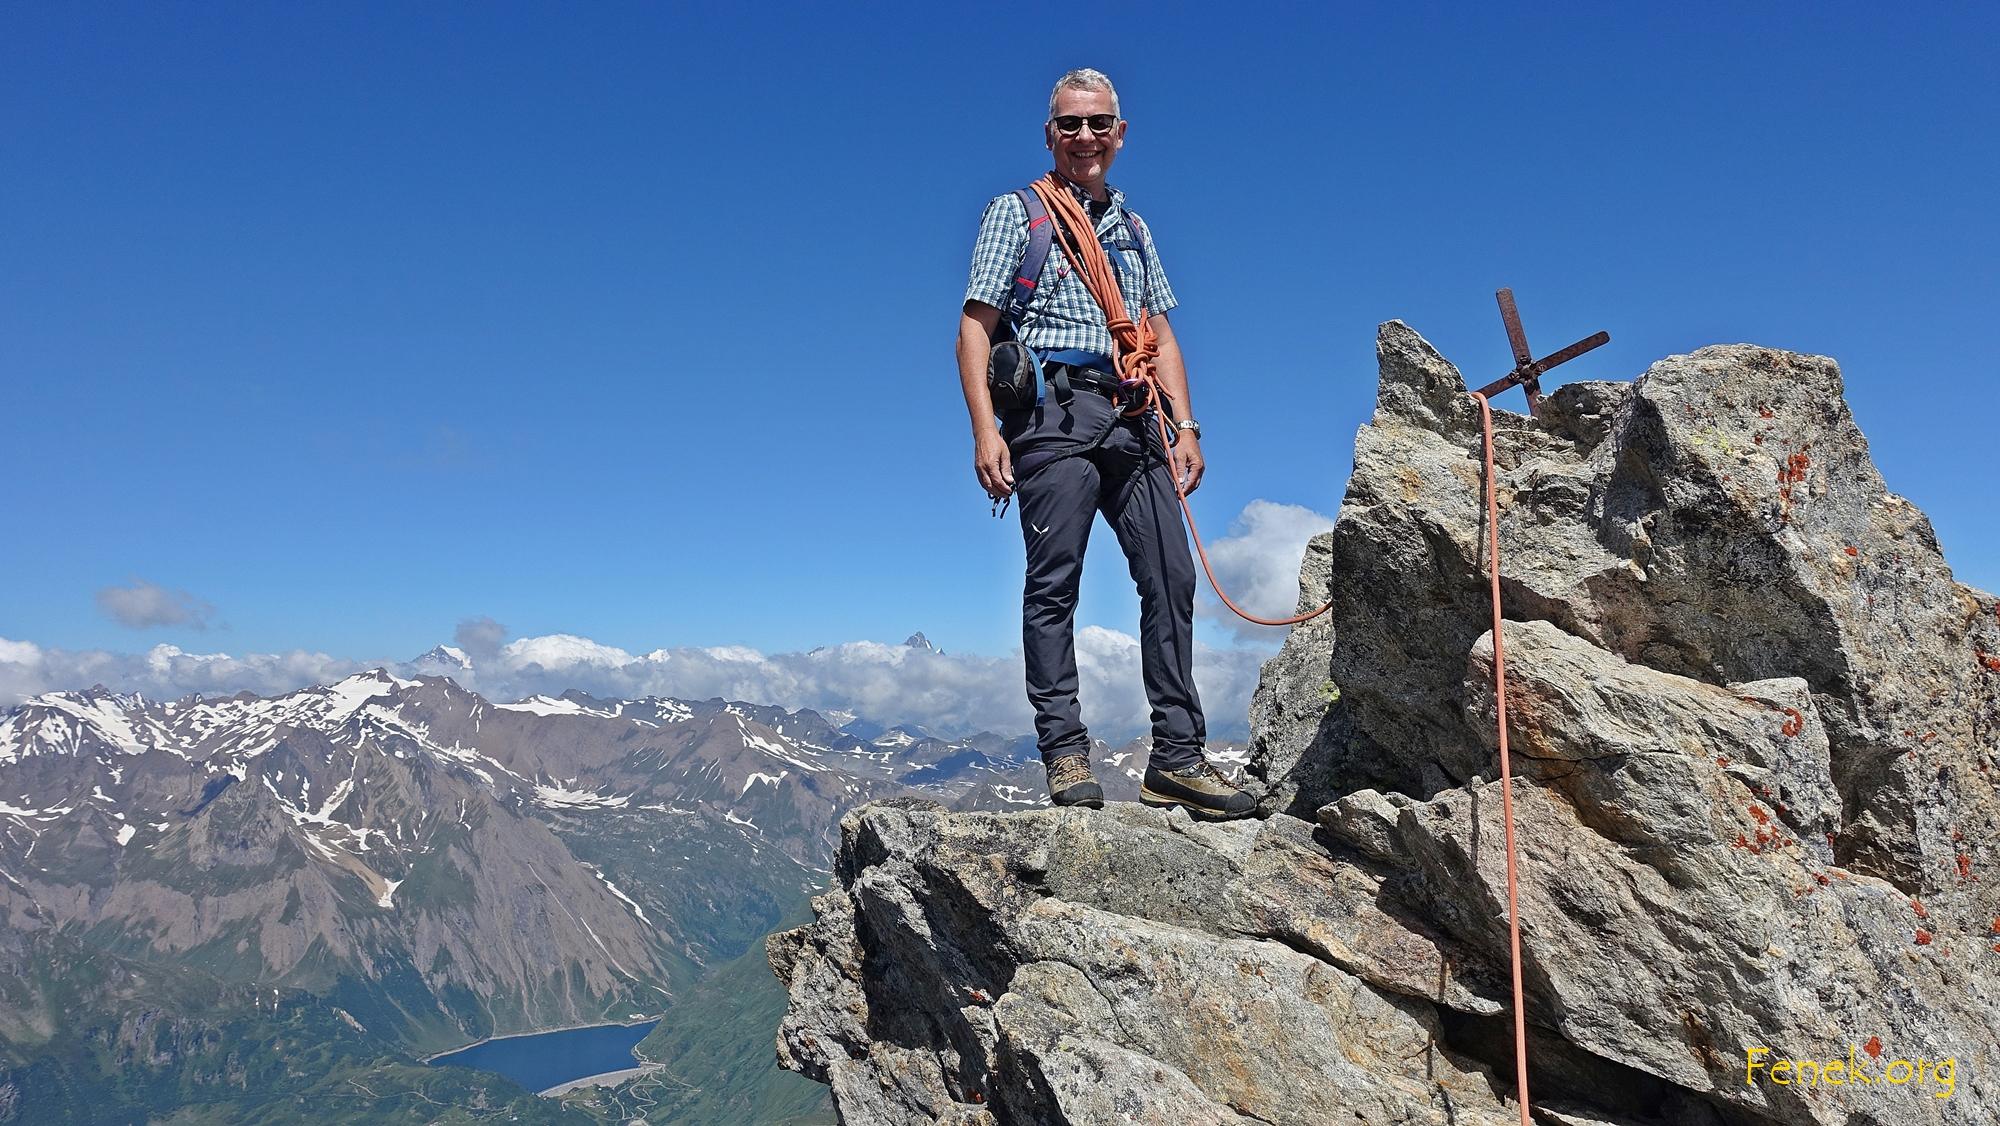 Gipfelglück - grosse Freude :-)